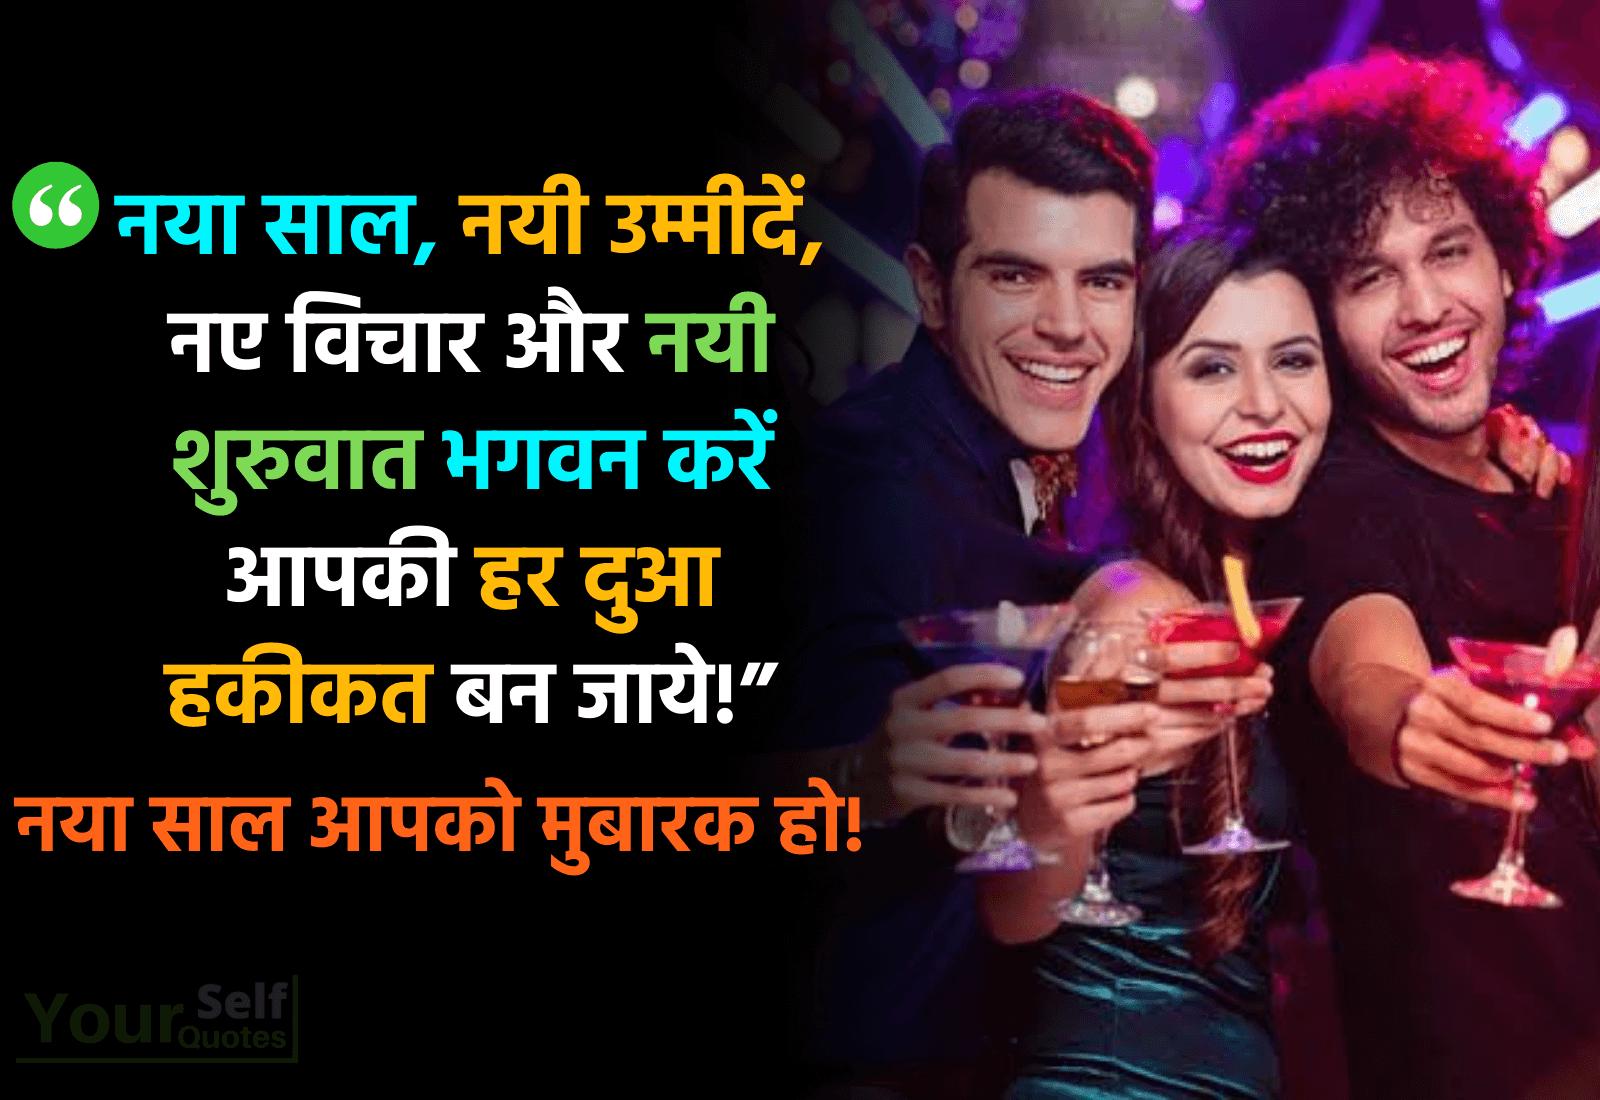 New Year Hindi Shayari Images